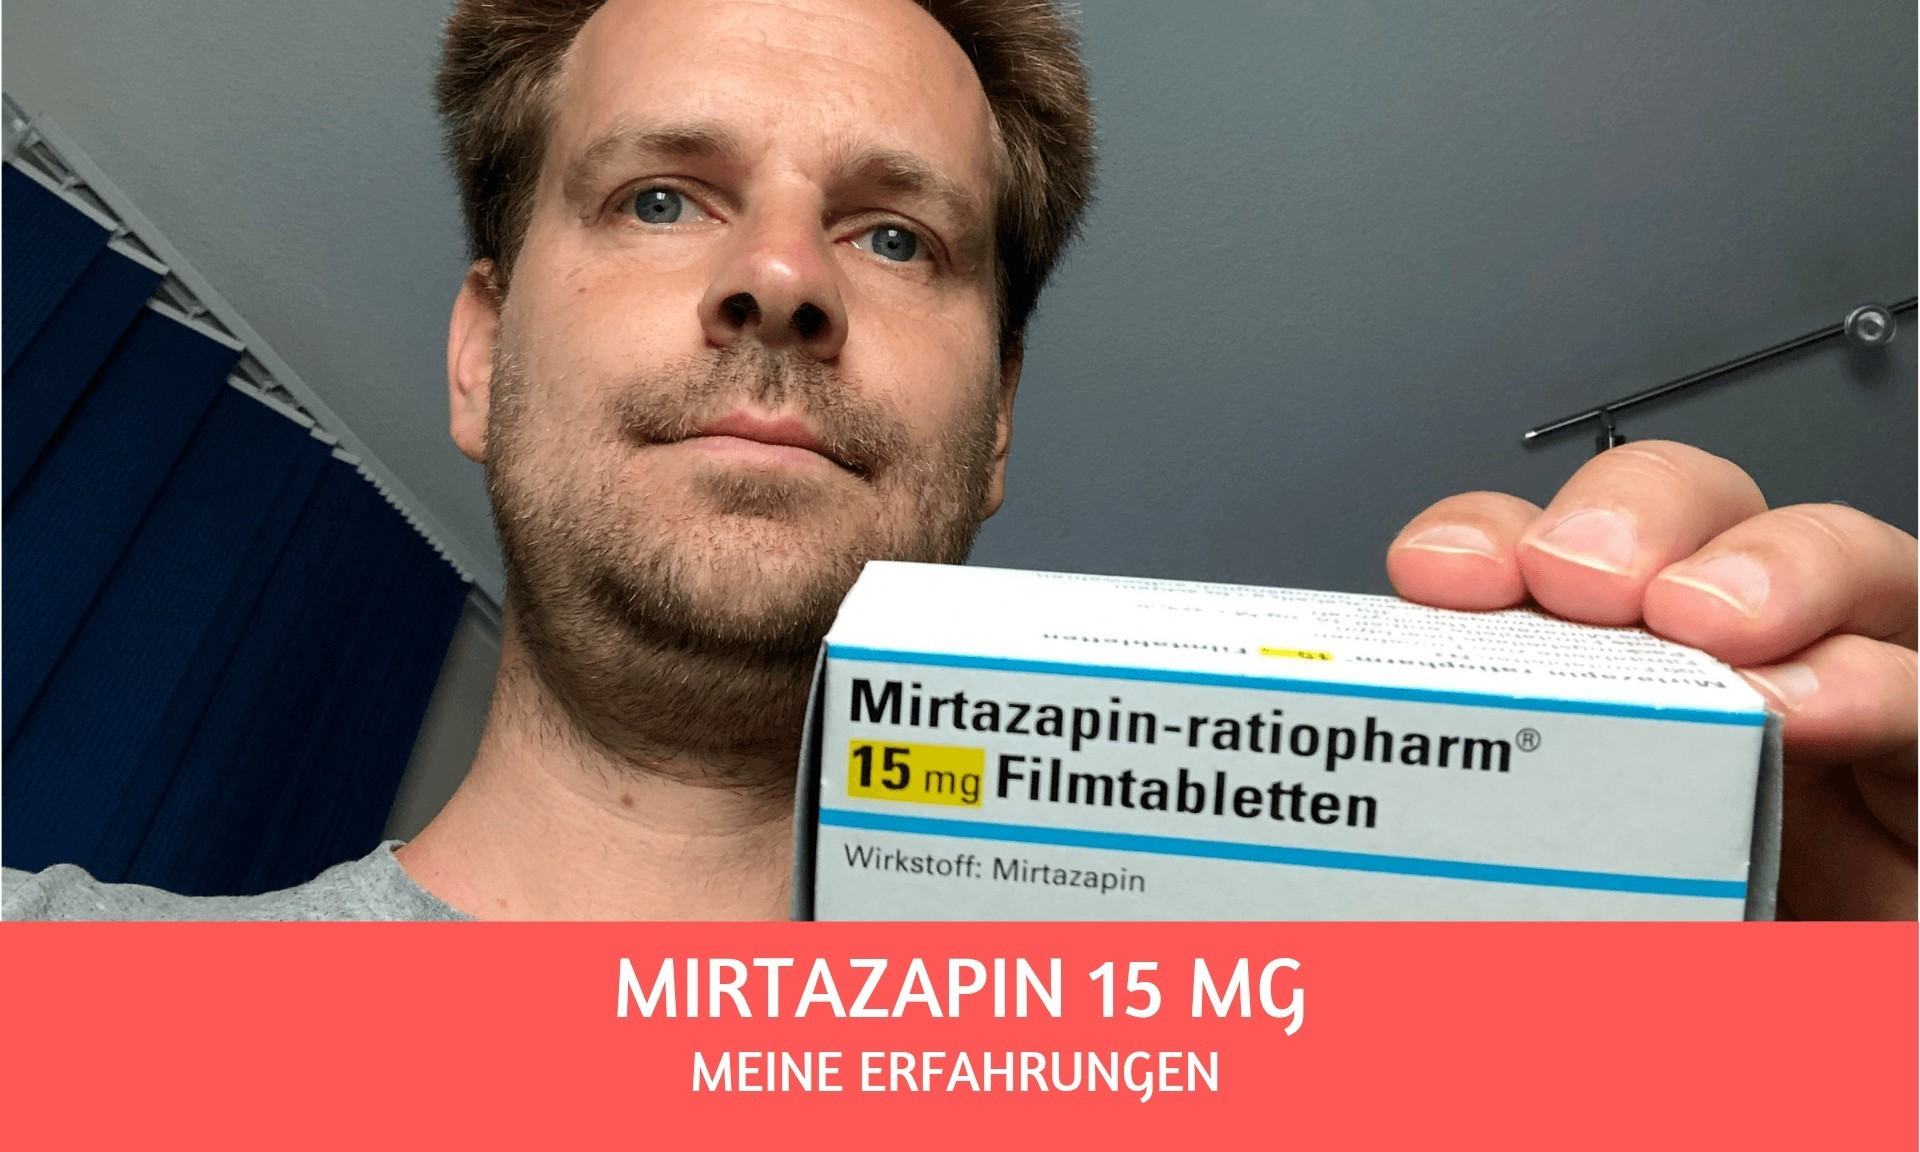 Mg 15 tödlich mirtazapin überdosis DoktorWeigl erklärt